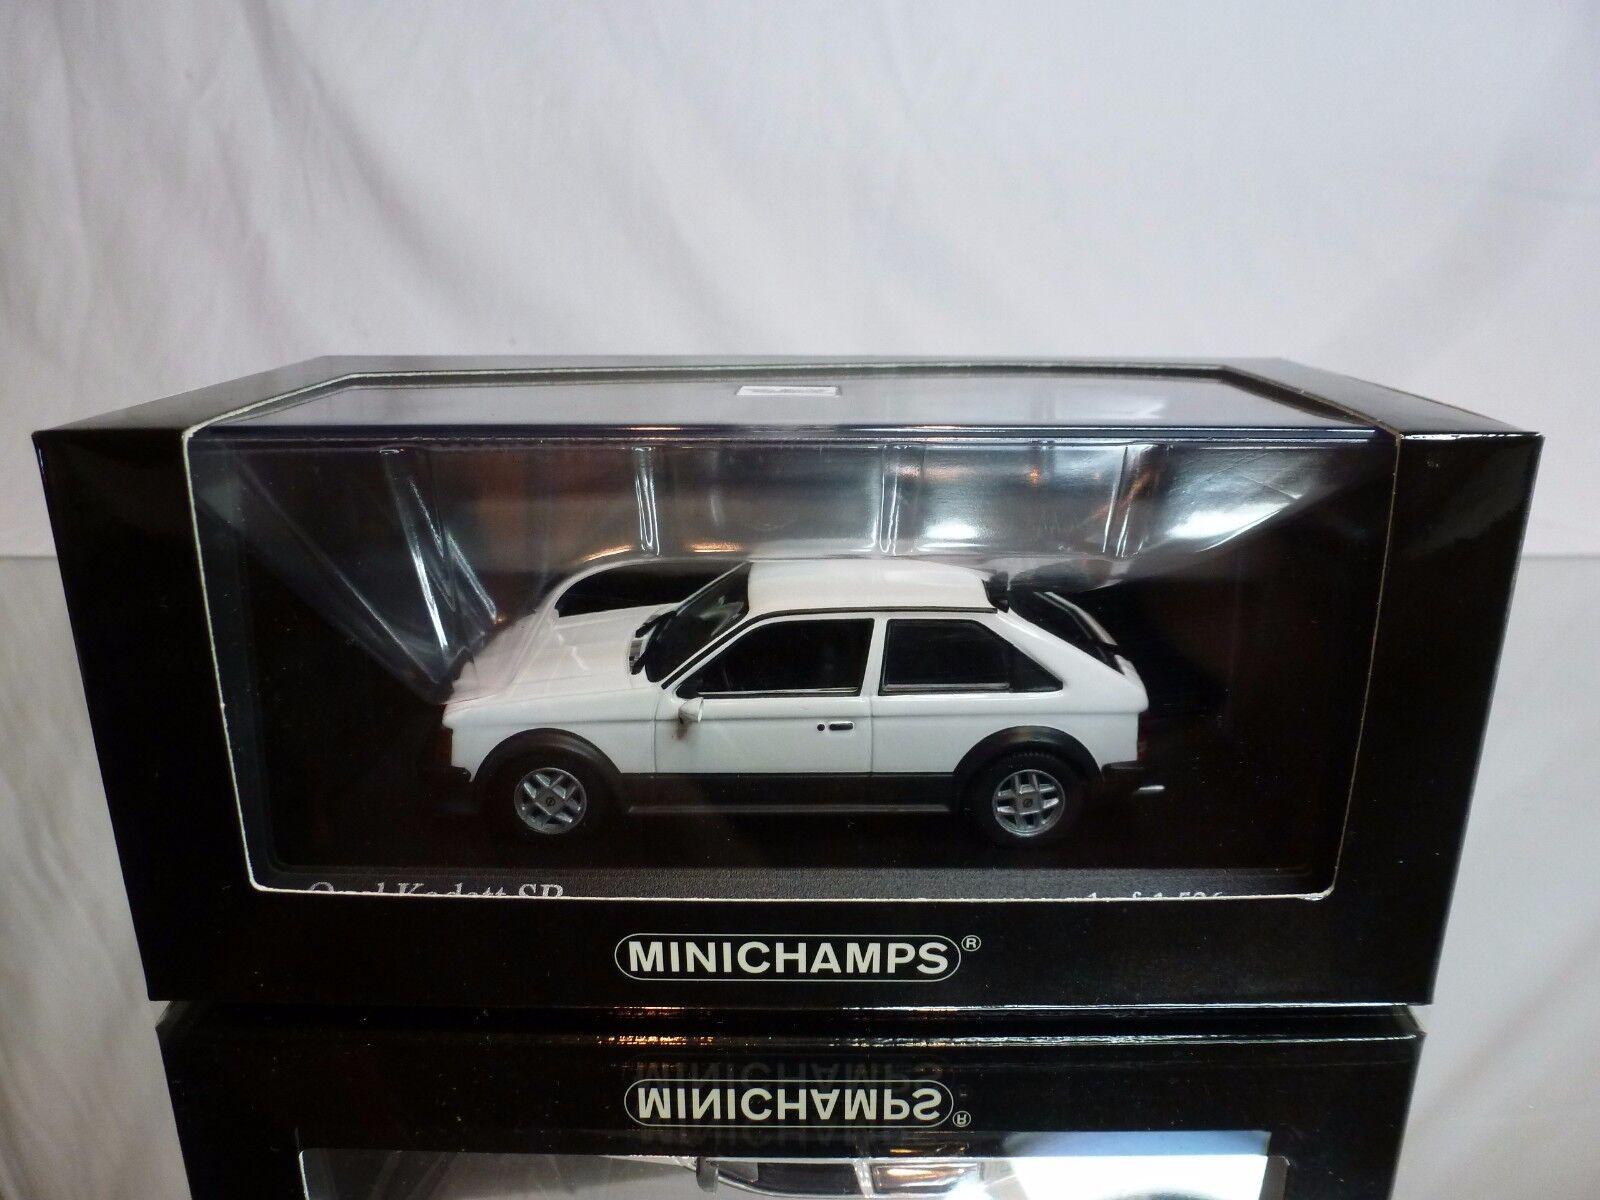 punto de venta barato MINICHAMPS MINICHAMPS MINICHAMPS 44120 OPEL KADETT SR 1979 - blanco 1 43 VERY RARE - EXCELLENT IN BOX  buen precio